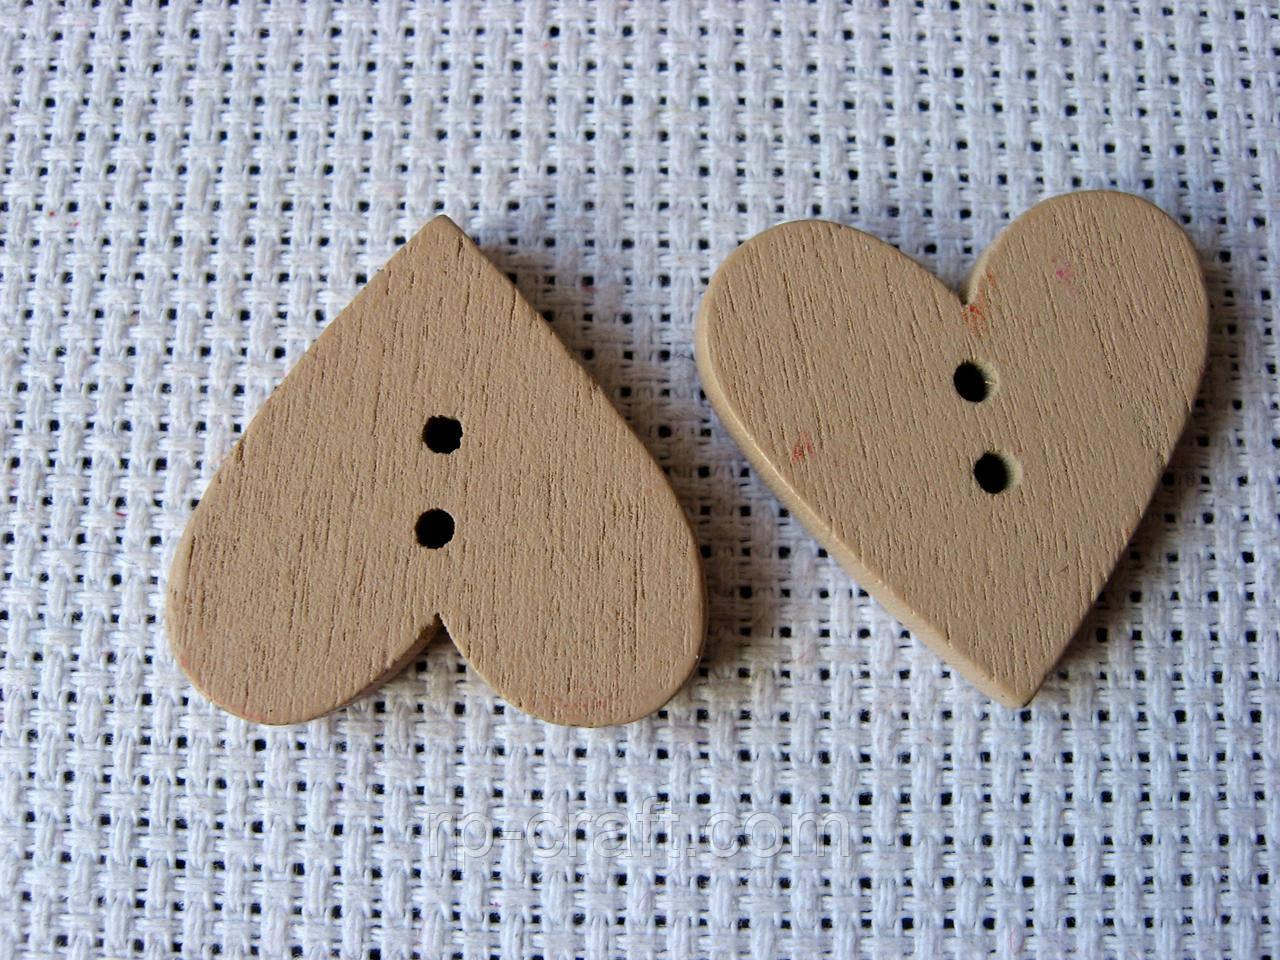 Гудзик дерев'яний, декоративний. Серце, 23х24 мм, бежевий